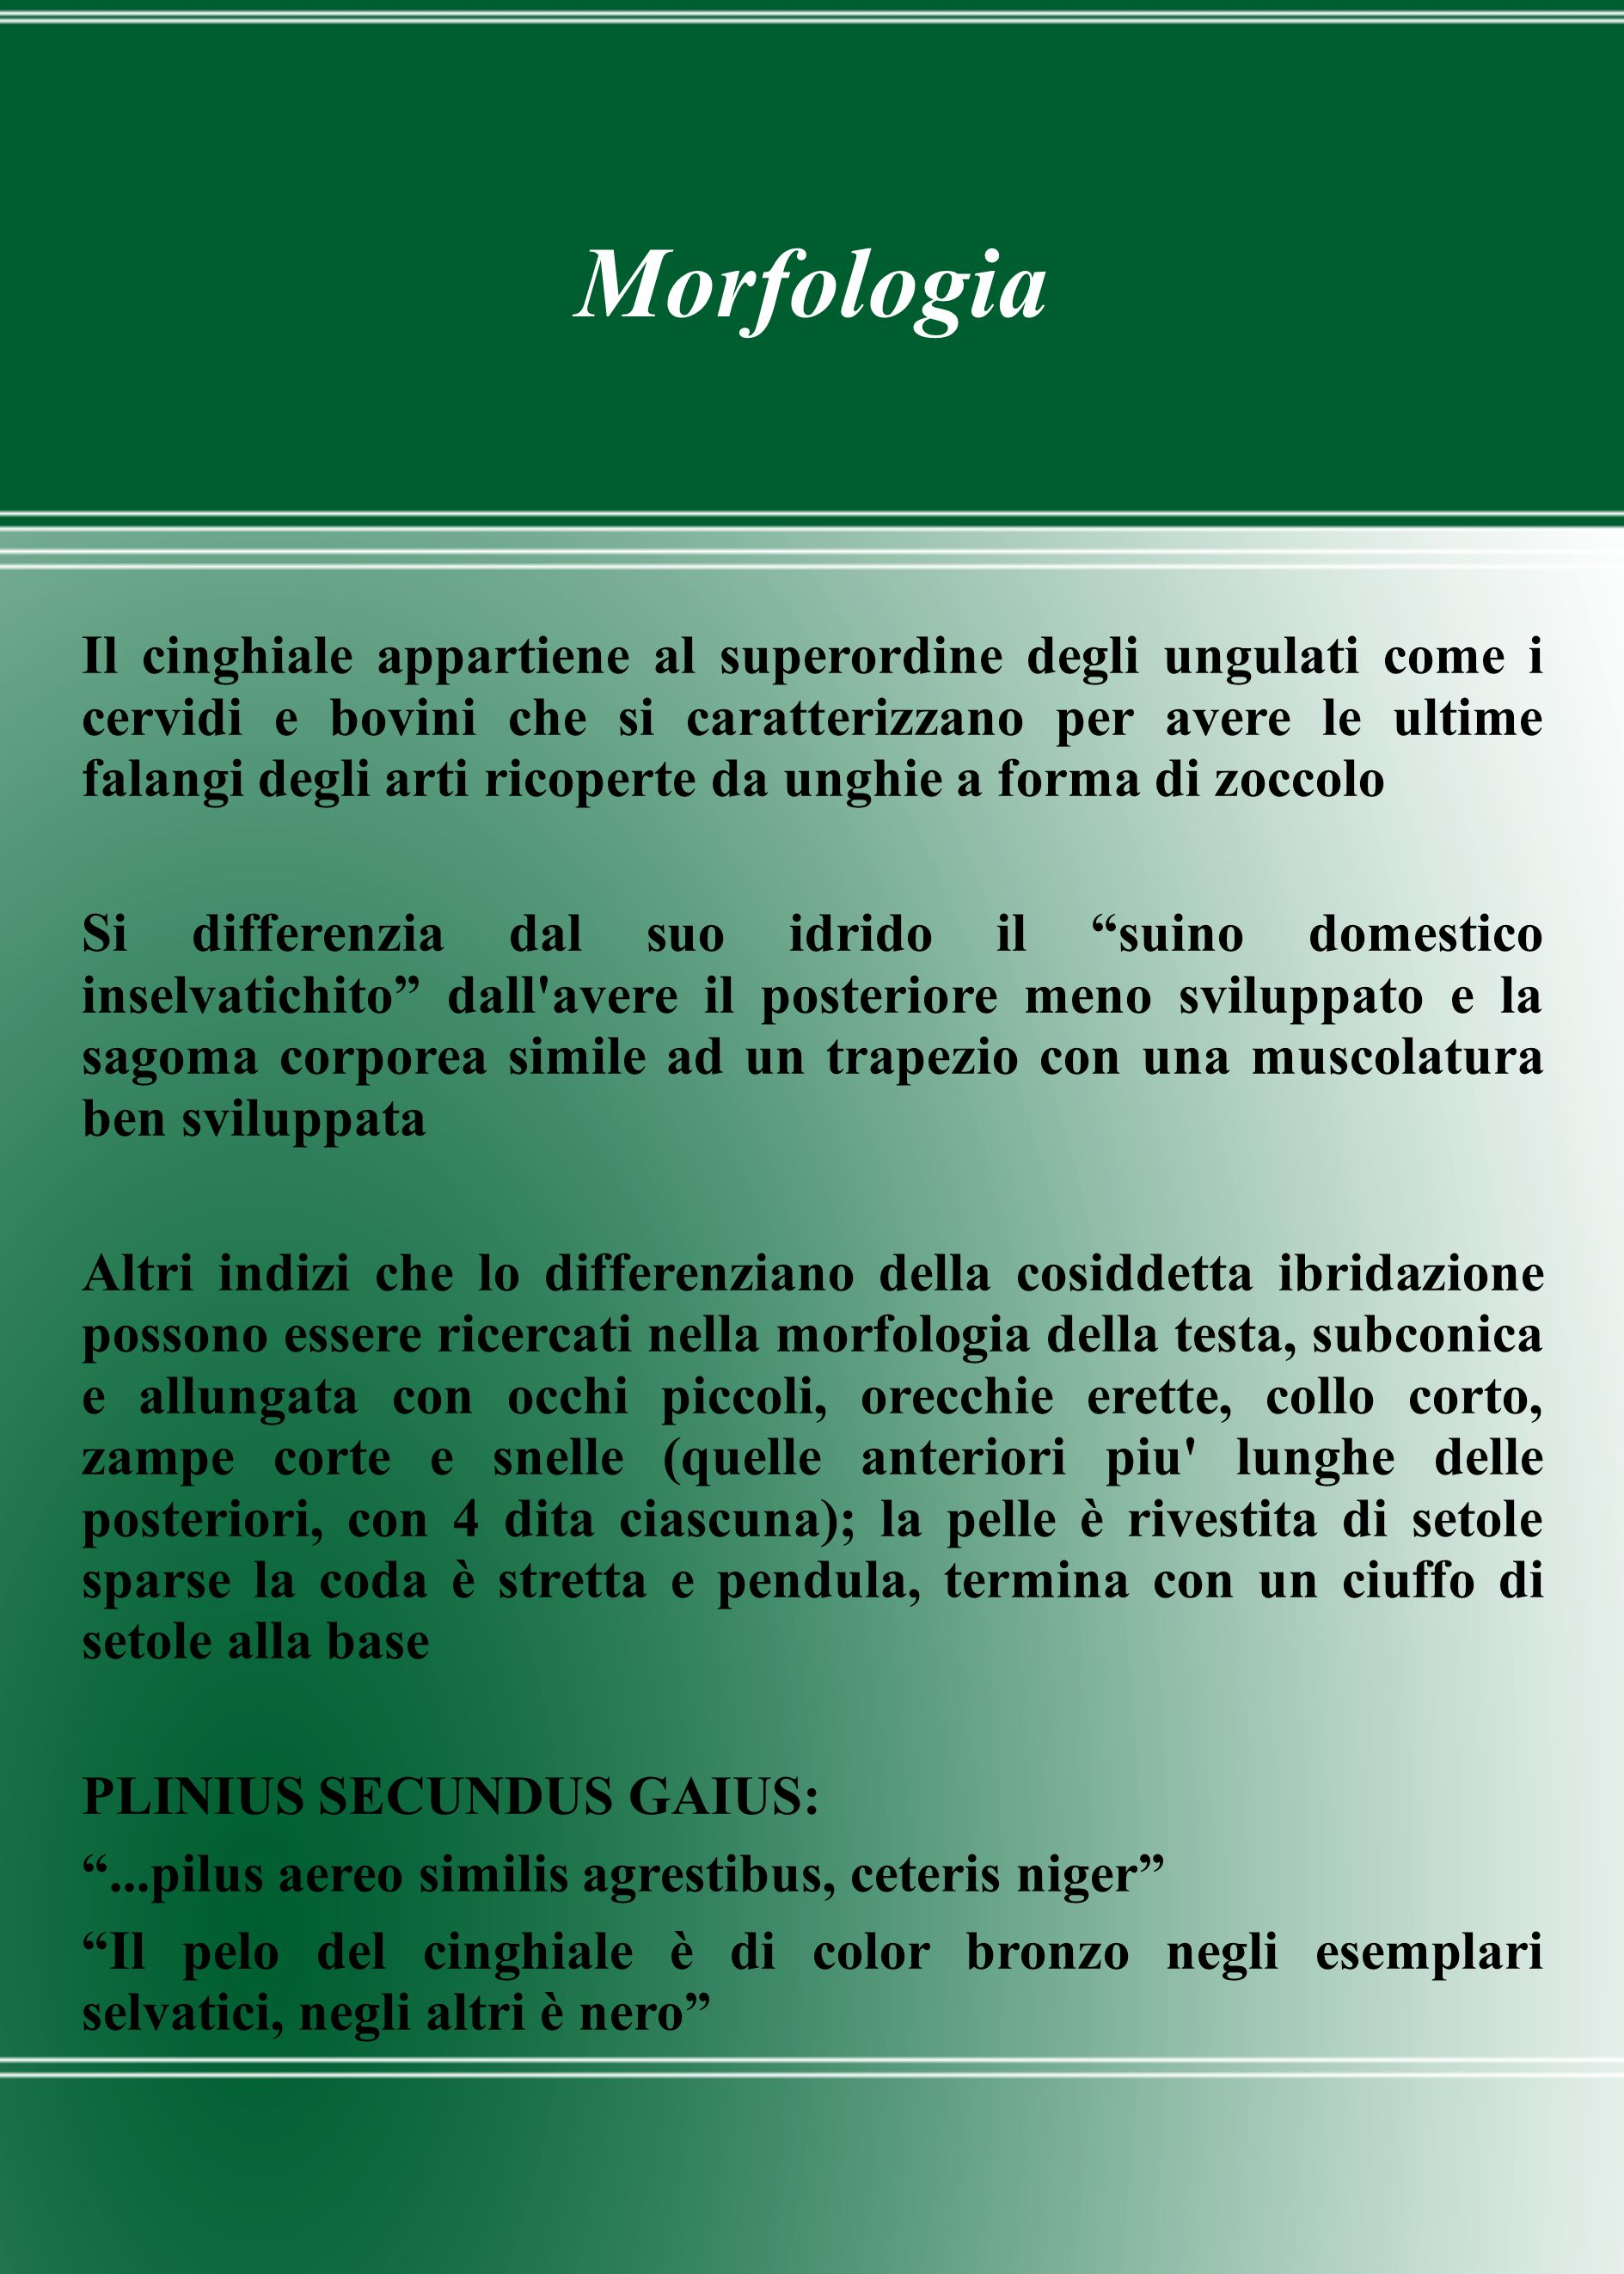 Morfologia Il cinghiale appartiene al superordine degli ungulati come i cervidi e bovini che si caratterizzano per avere le ultime falangi degli arti